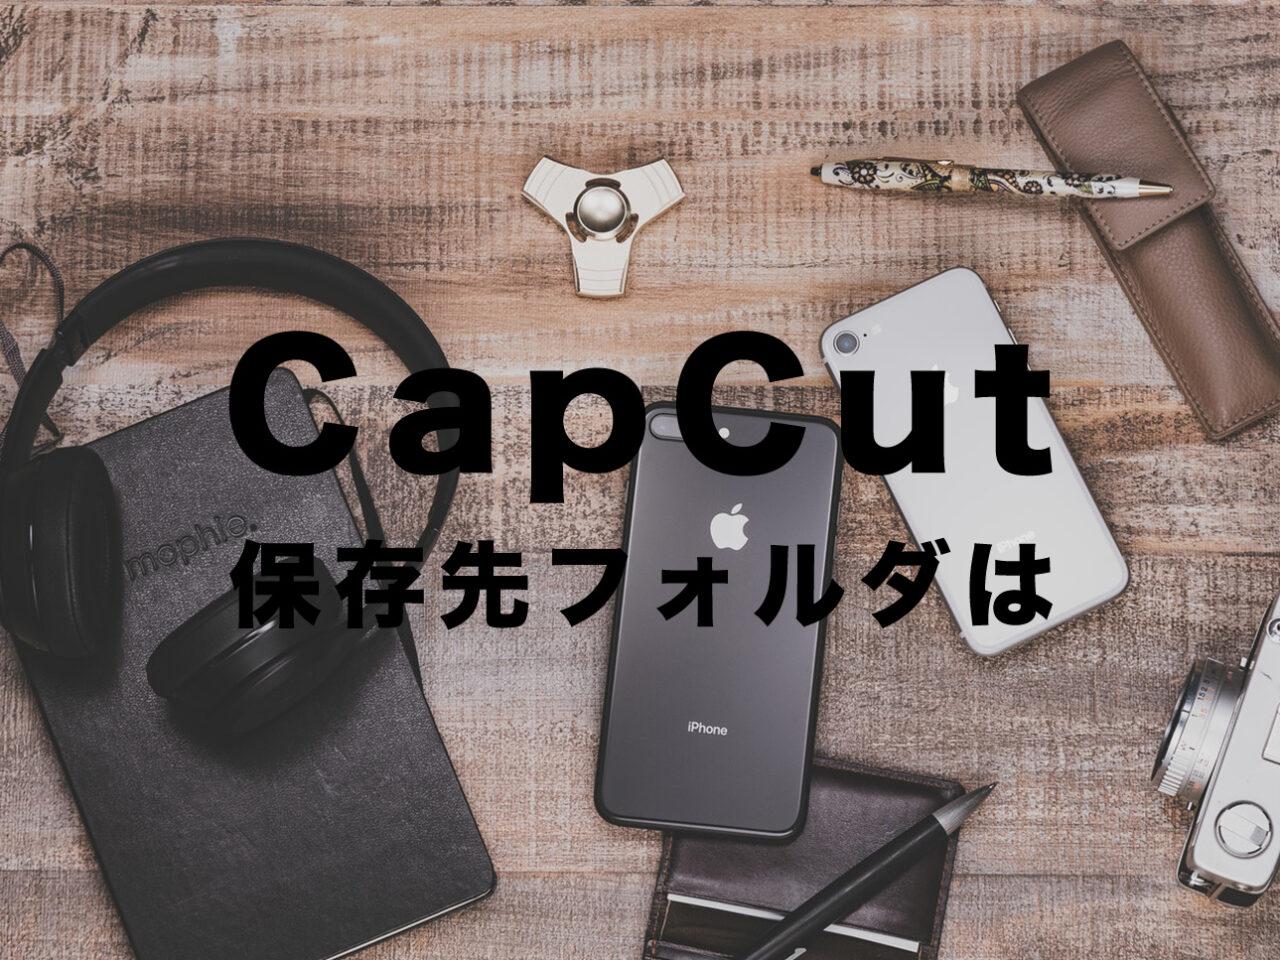 CapCut(キャップカット)のエクスポートで保存先フォルダはどこ?のサムネイル画像